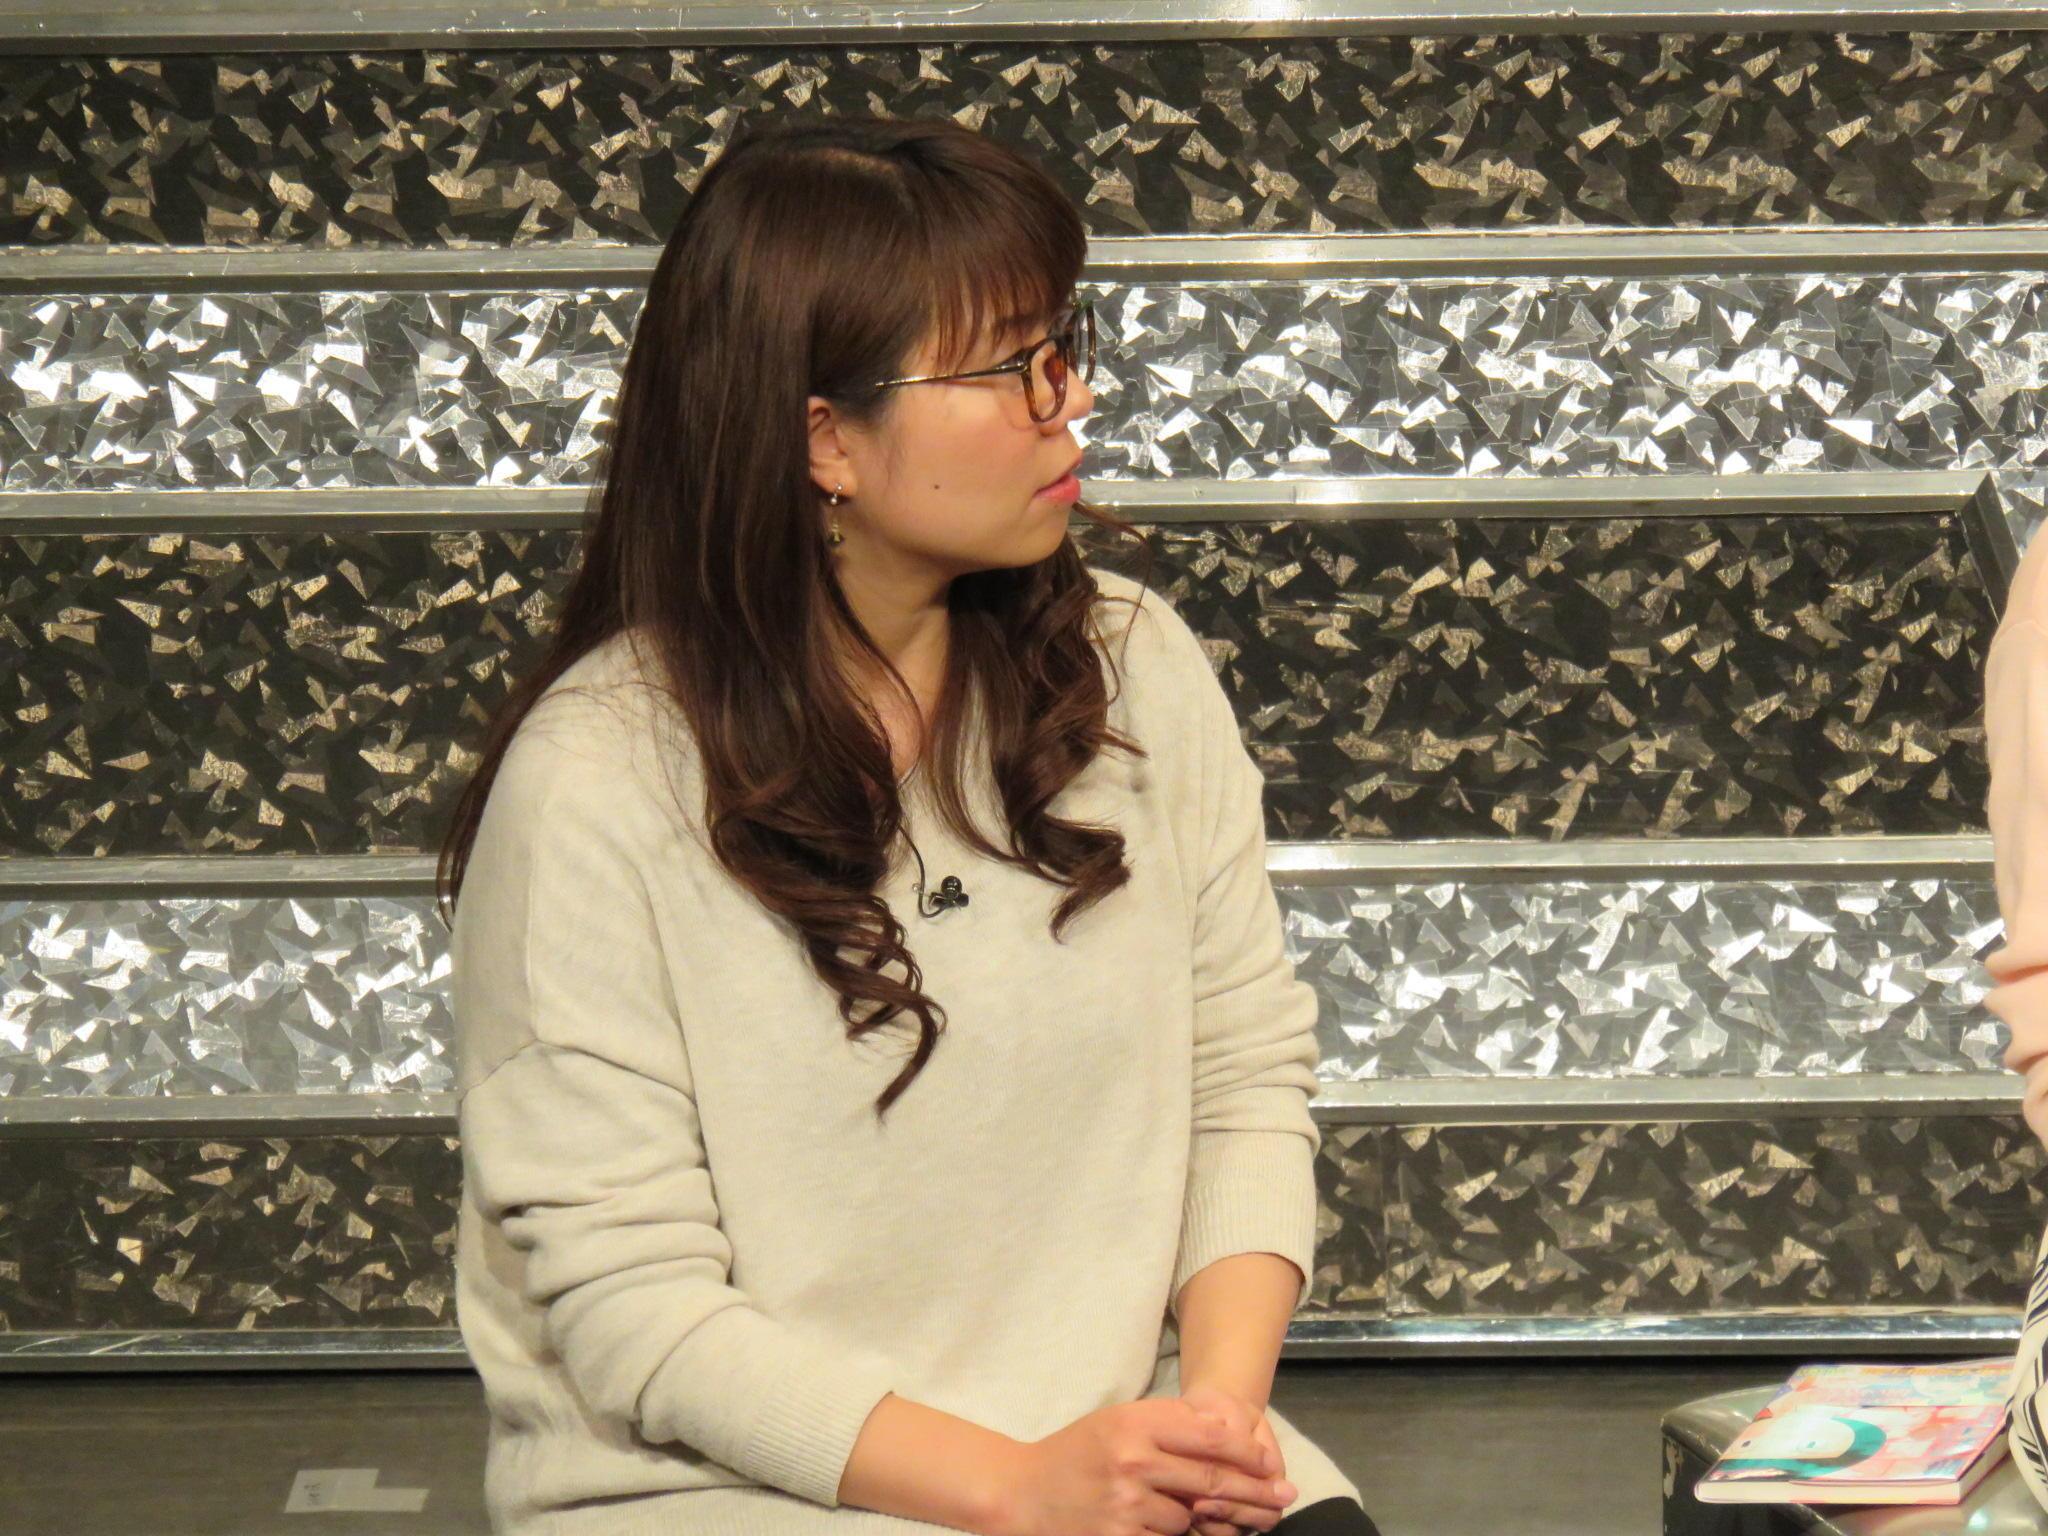 http://news.yoshimoto.co.jp/20170331201017-431758e60226fc4deda4797305073e1eb430e546.jpg